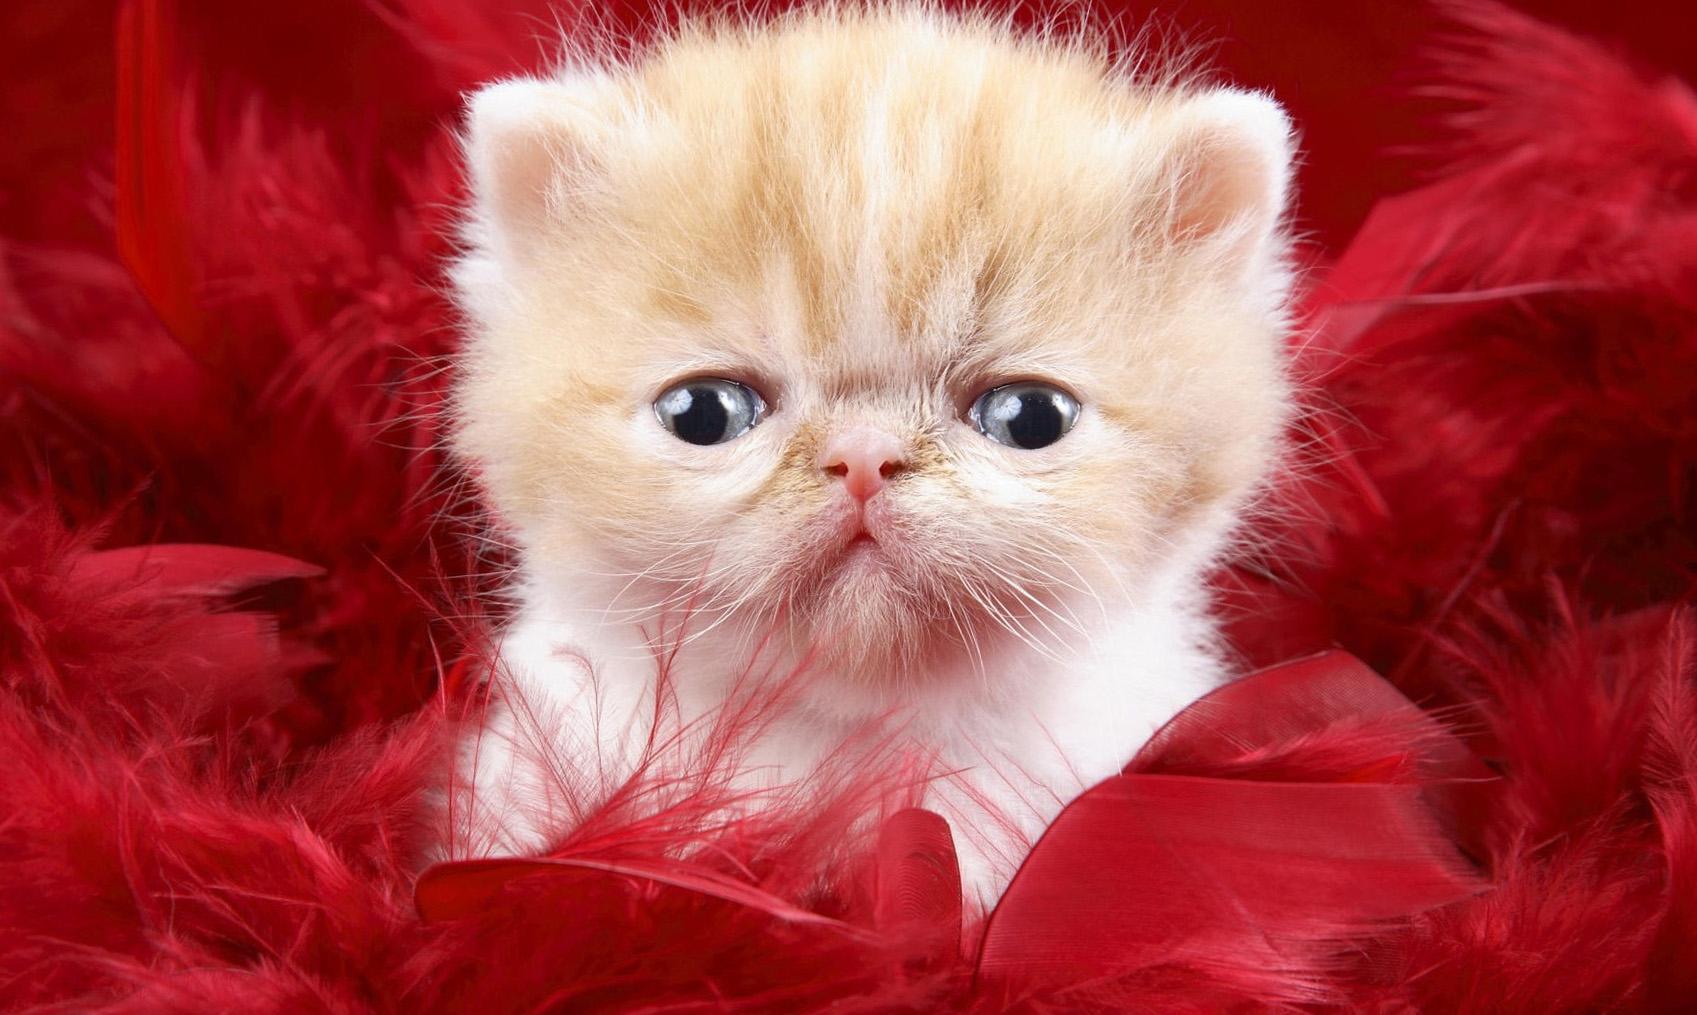 بالصور صور قطط كيوت , قطط شكلها جميل 4857 6